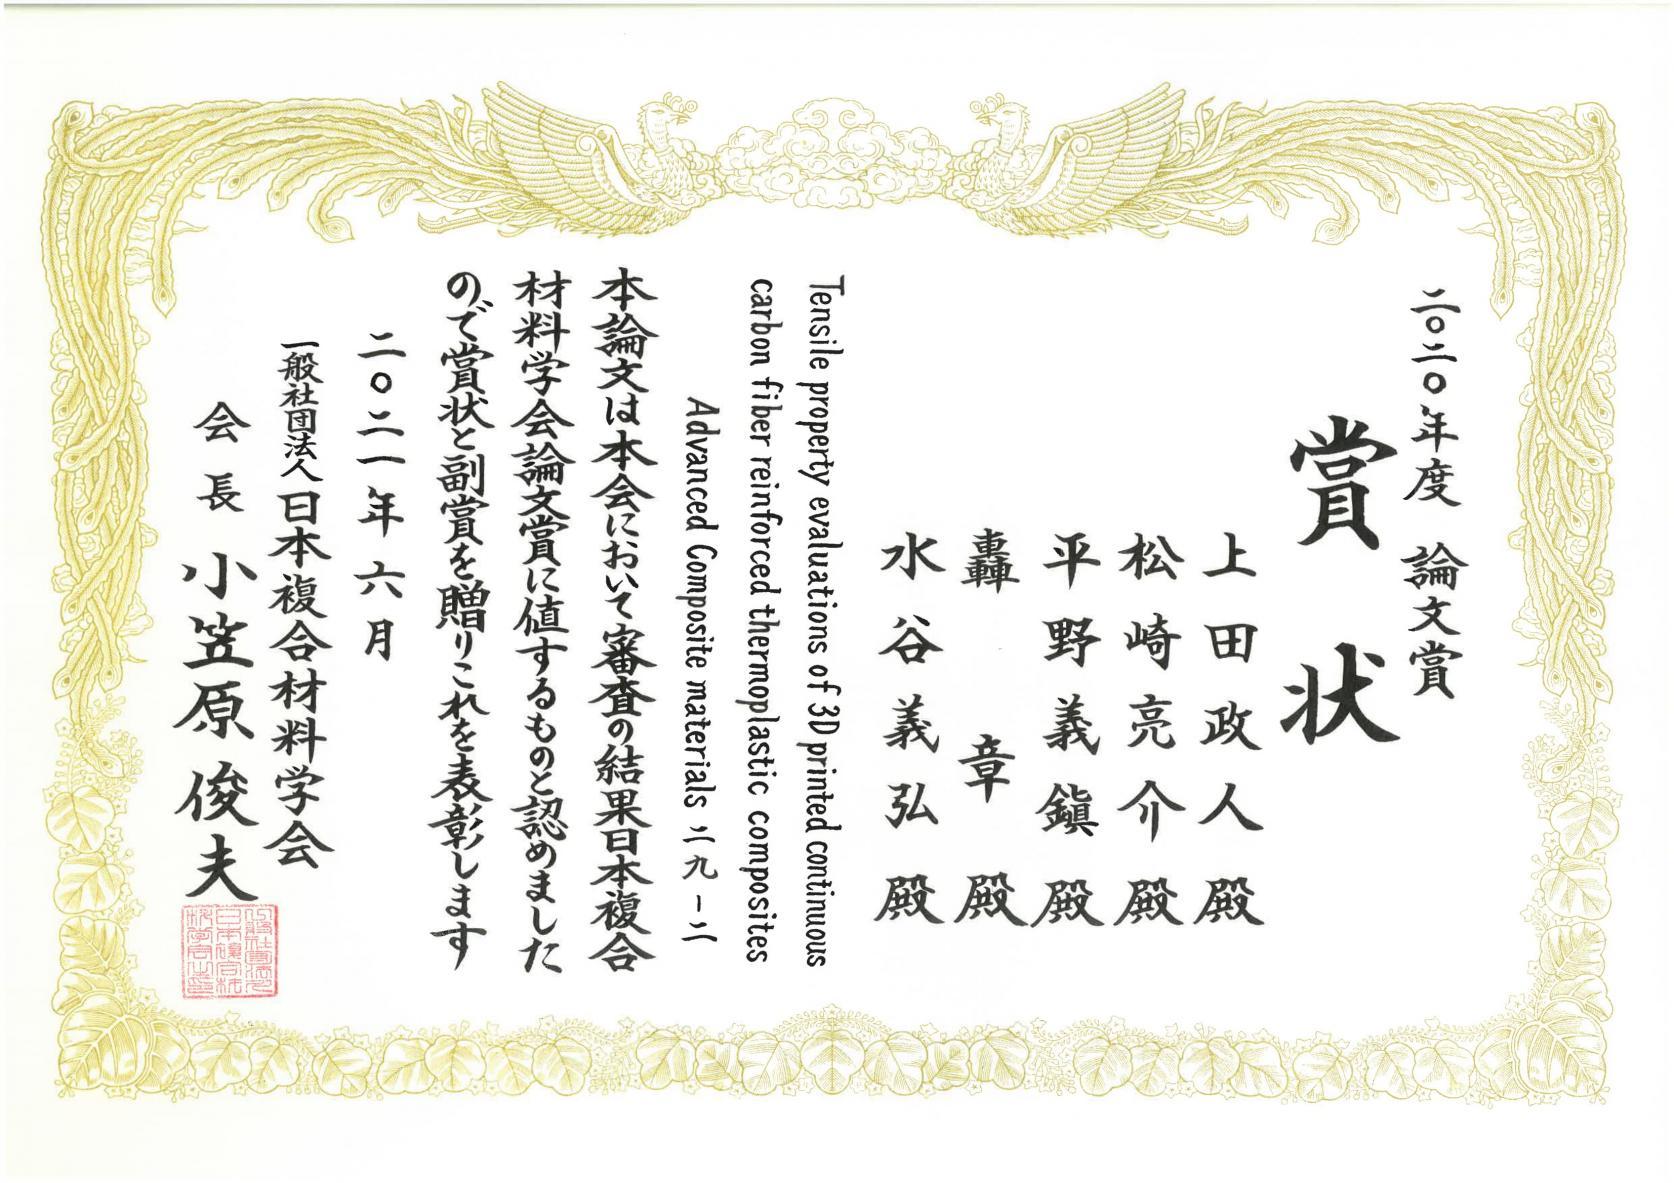 機械工学科の上田 政人准教授らの研究成果が、「日本複合材料学会」の2020年度論文賞に選ばれました。